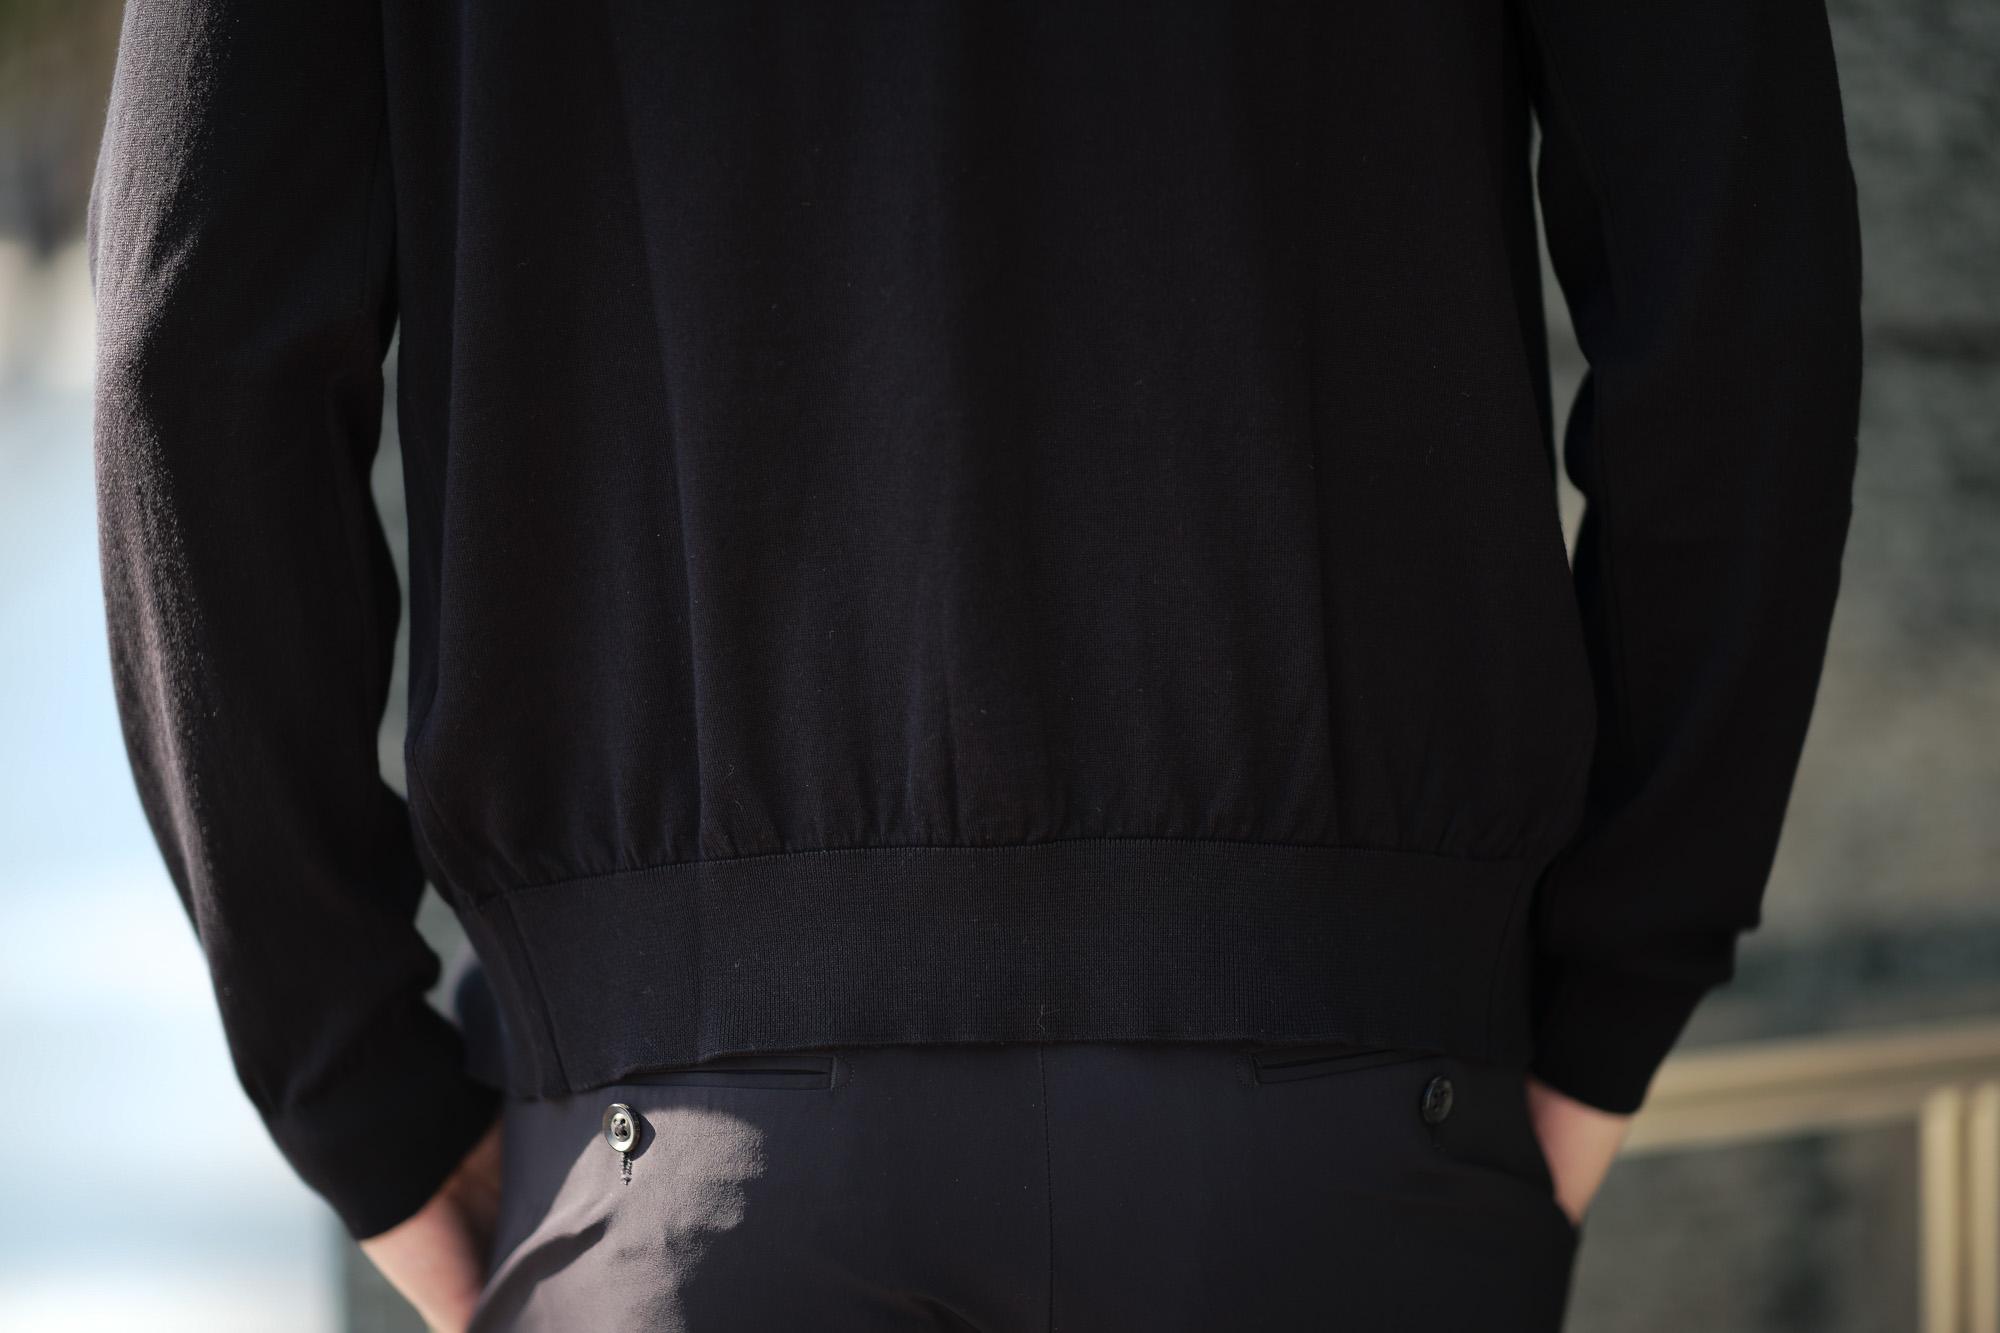 JOHN SMEDLEY(ジョンスメドレー) MODENA (モデナ) SEA ISLAND COTTON (シーアイランドコットン) コットンニット Vネック カーディガン BLACK (ブラック) Made in England (イギリス製) 2020 春夏新作 altoediritto アルトエデリット 愛知 名古屋